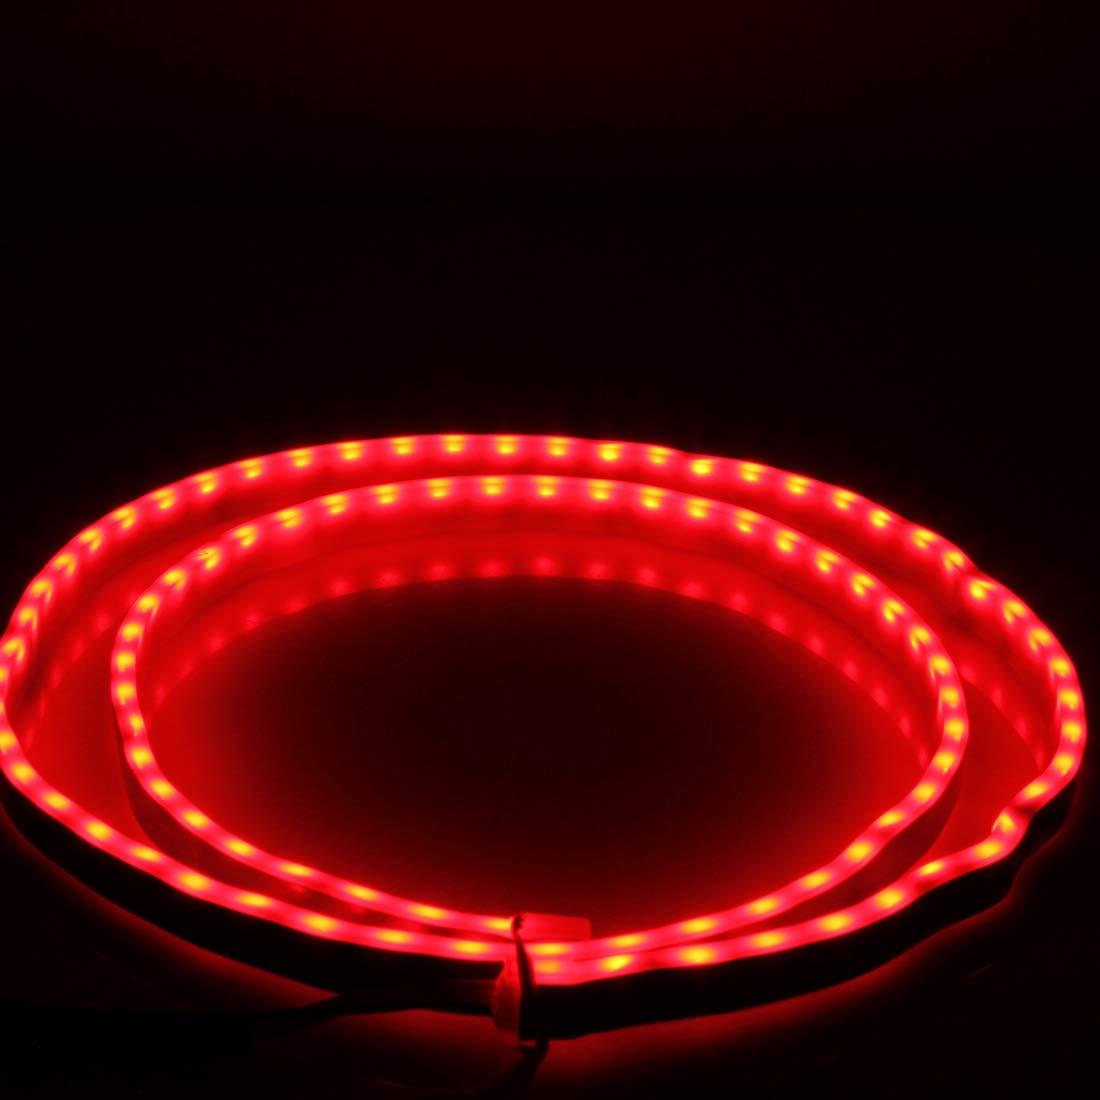 Gelbes Licht Blinkerlicht, 1,2 m Auto Auto Wasserdicht Universal Vierfarben R/ücklicht R/ücklicht mit R/ücklicht-Controller Wei/ßes Licht R/ückfahrlicht Rotes Licht Bremslicht Eisblaues Licht Fahrlicht